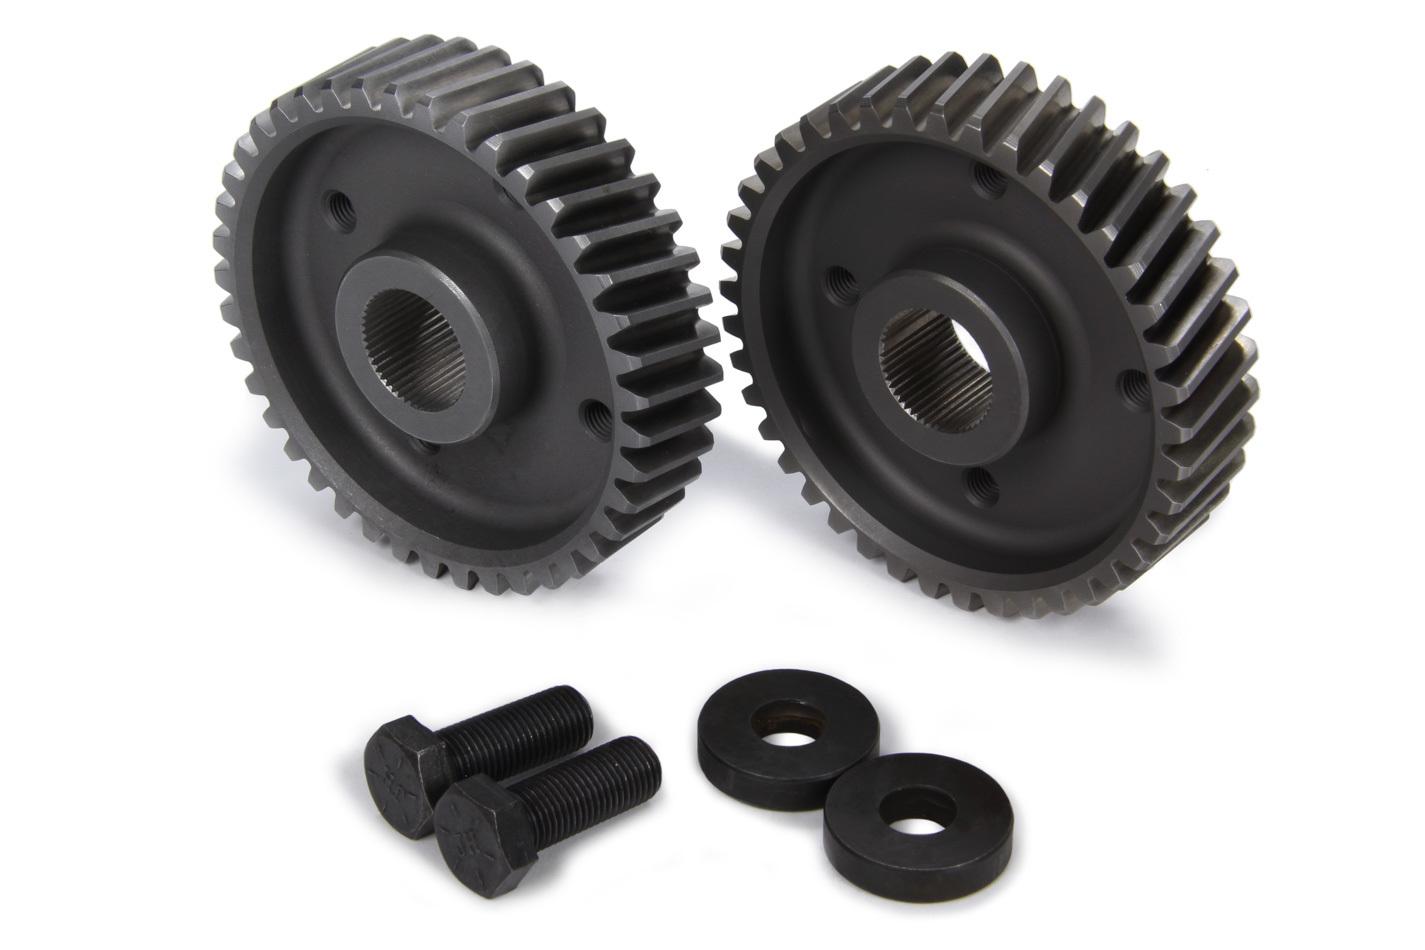 The Blower Shop 192/250 Gear Set